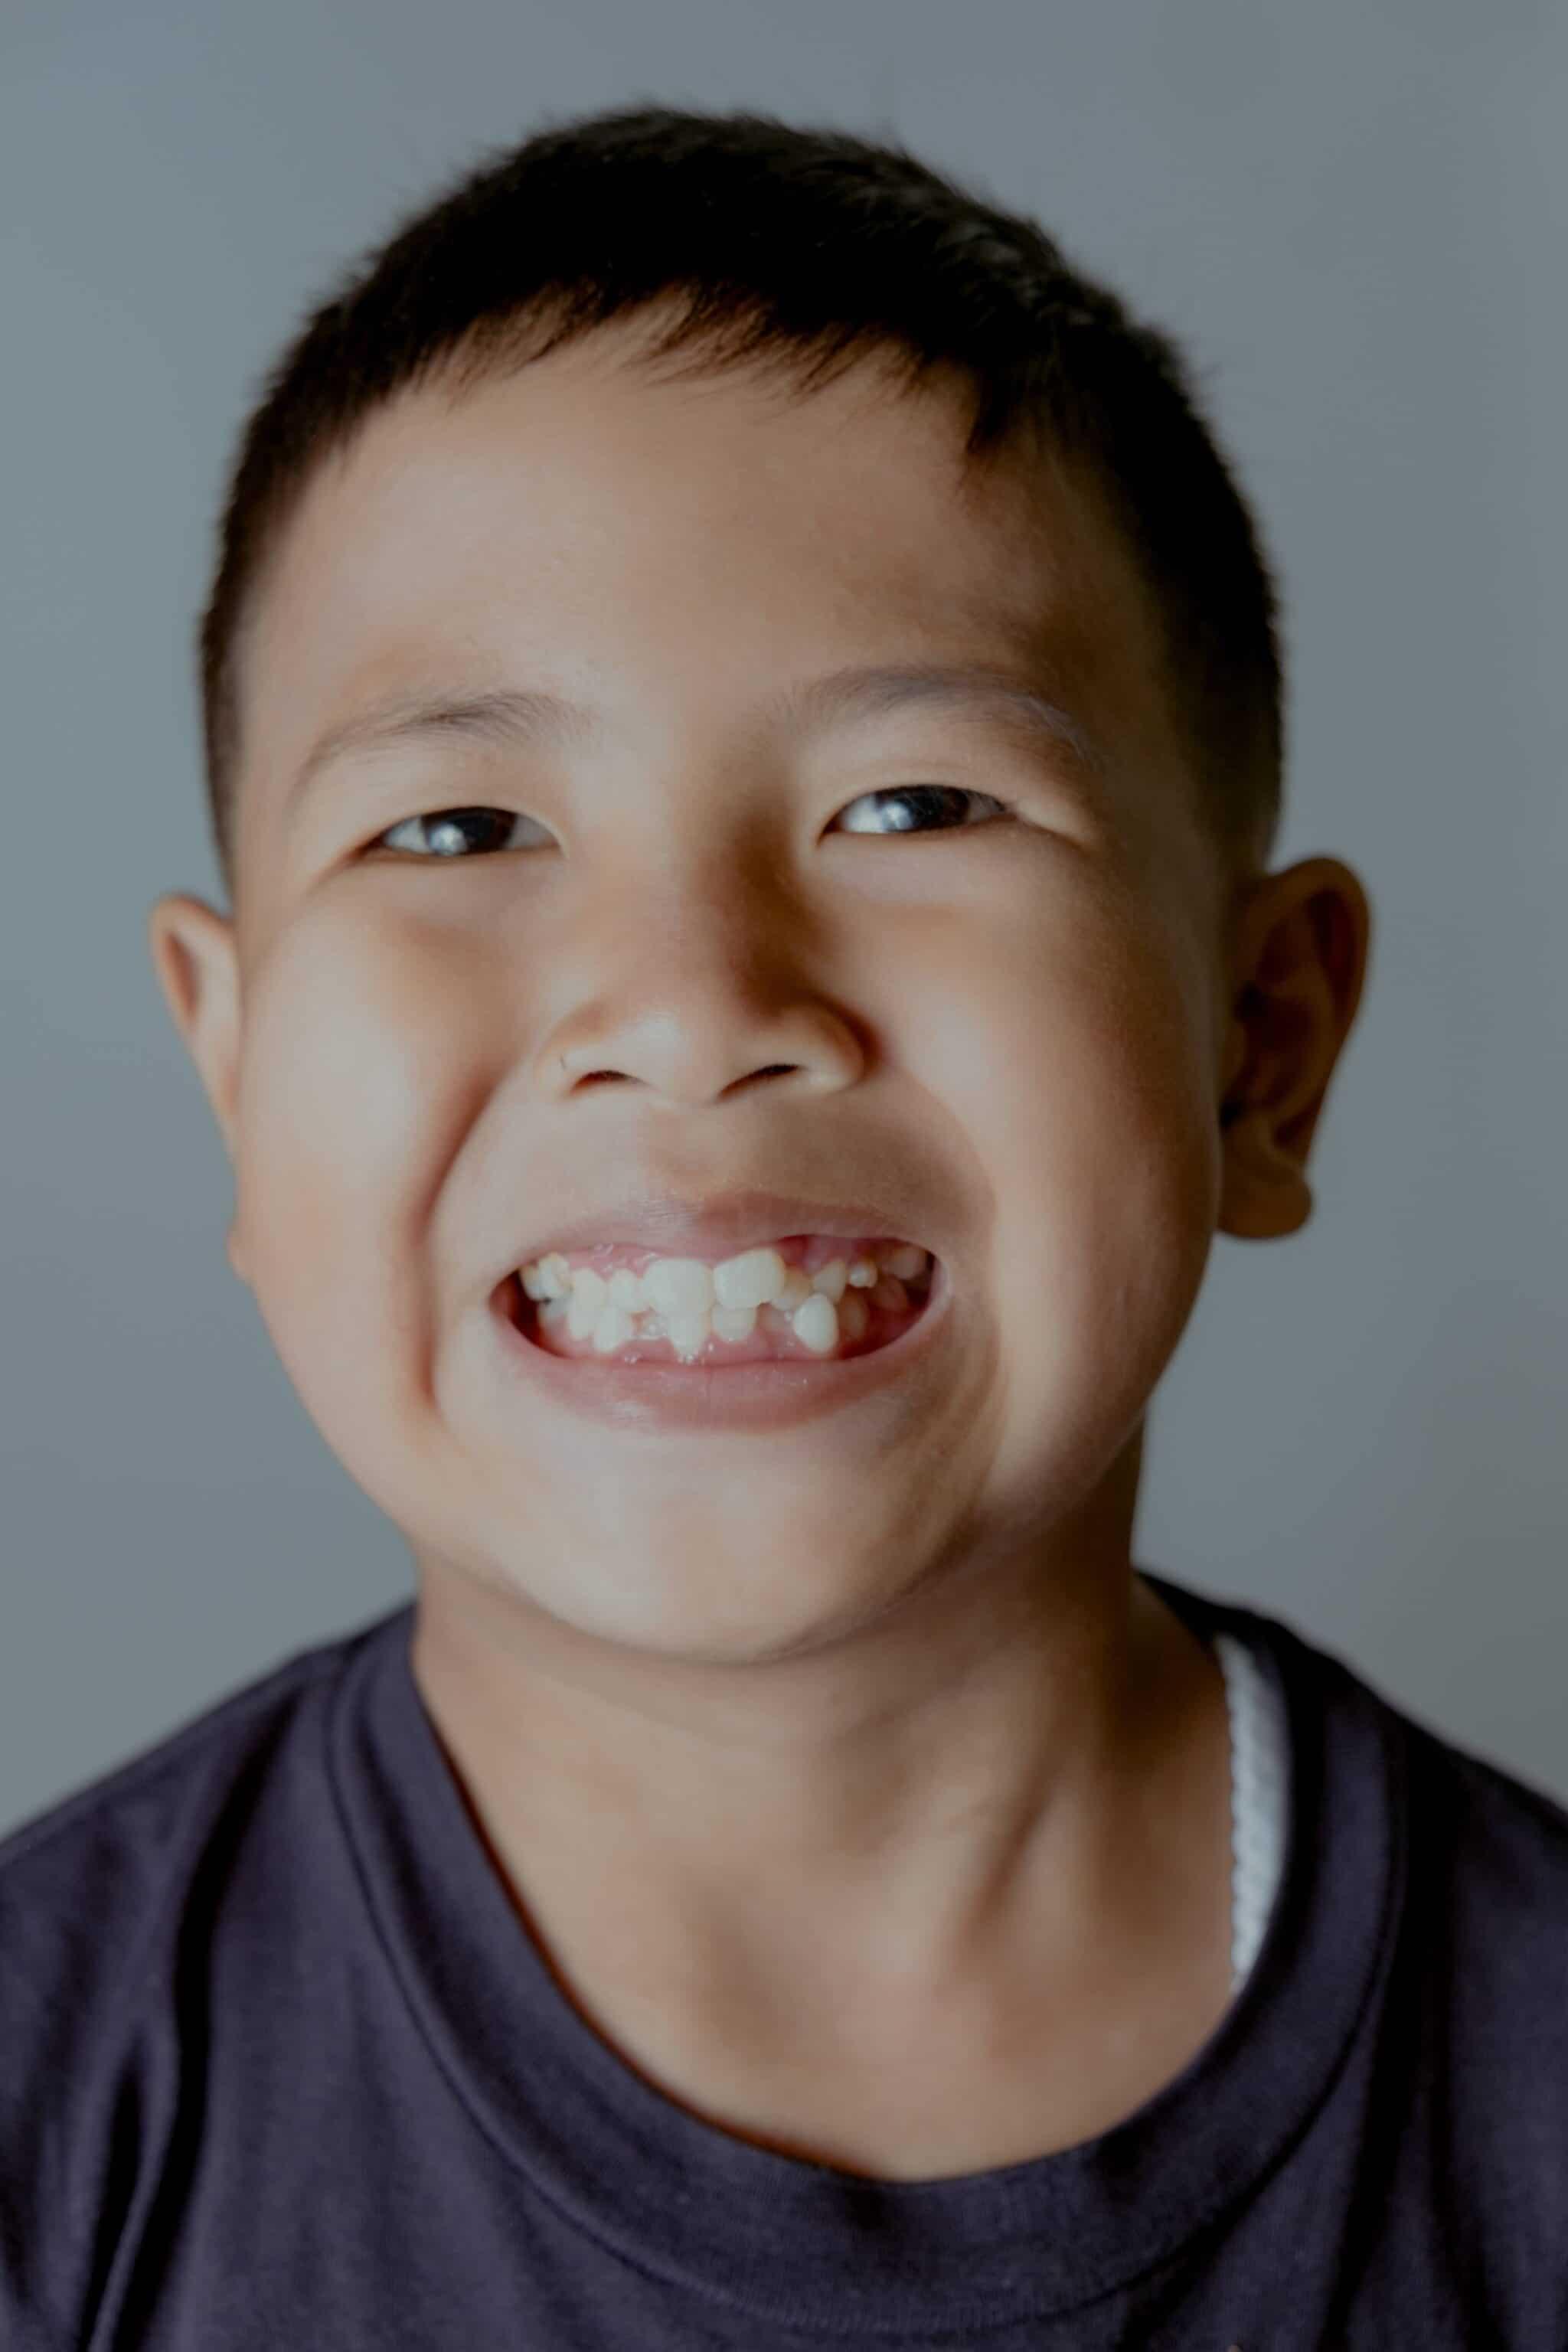 Introductie foto Functionele orthodontie